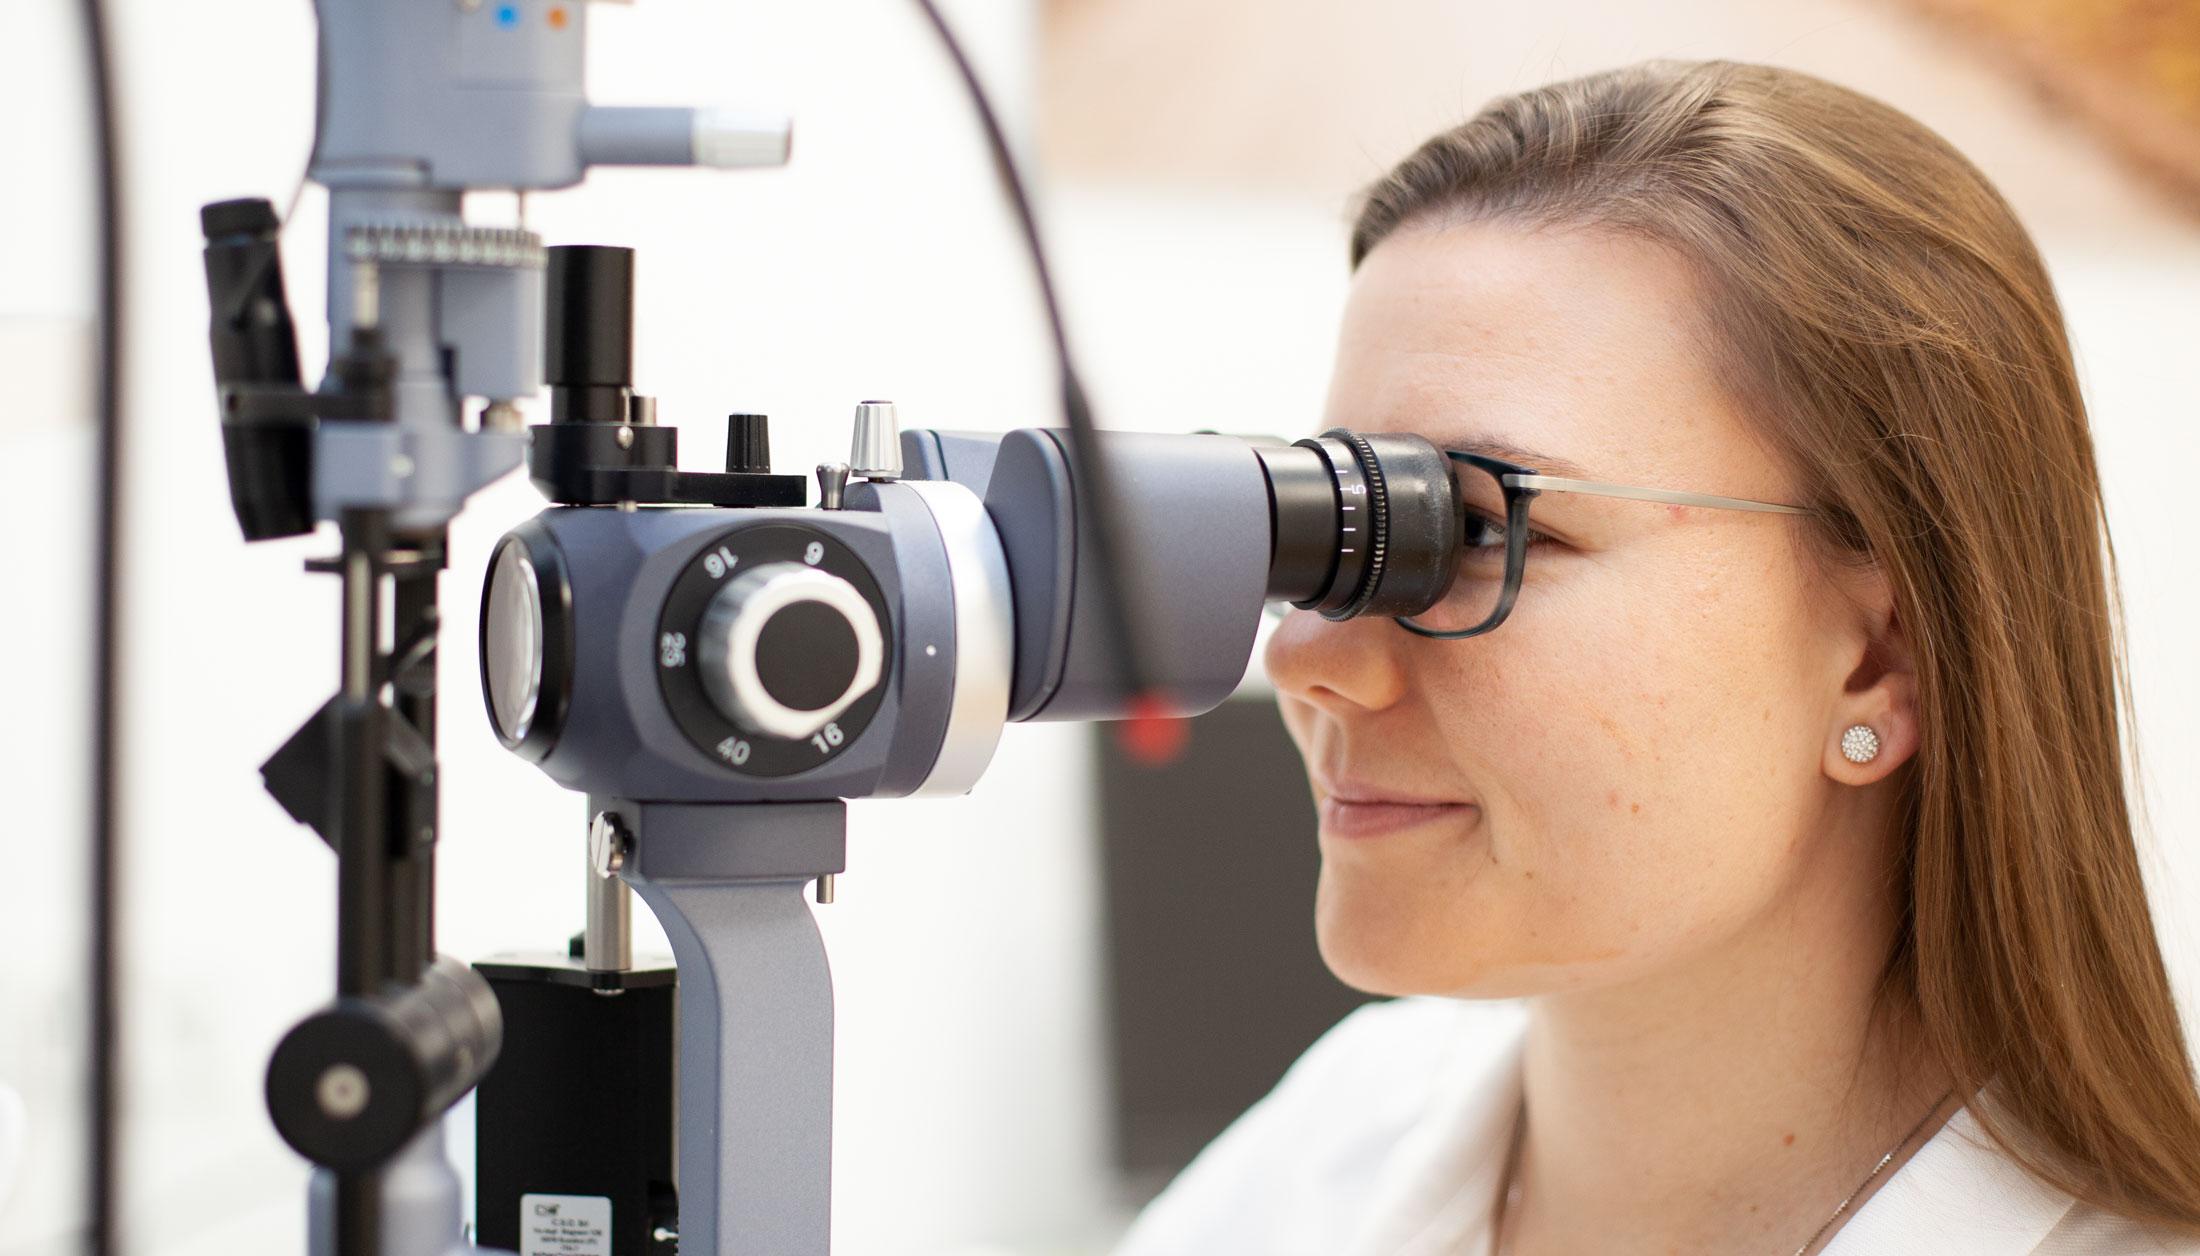 Dr. Magdalena Gabert Foropter